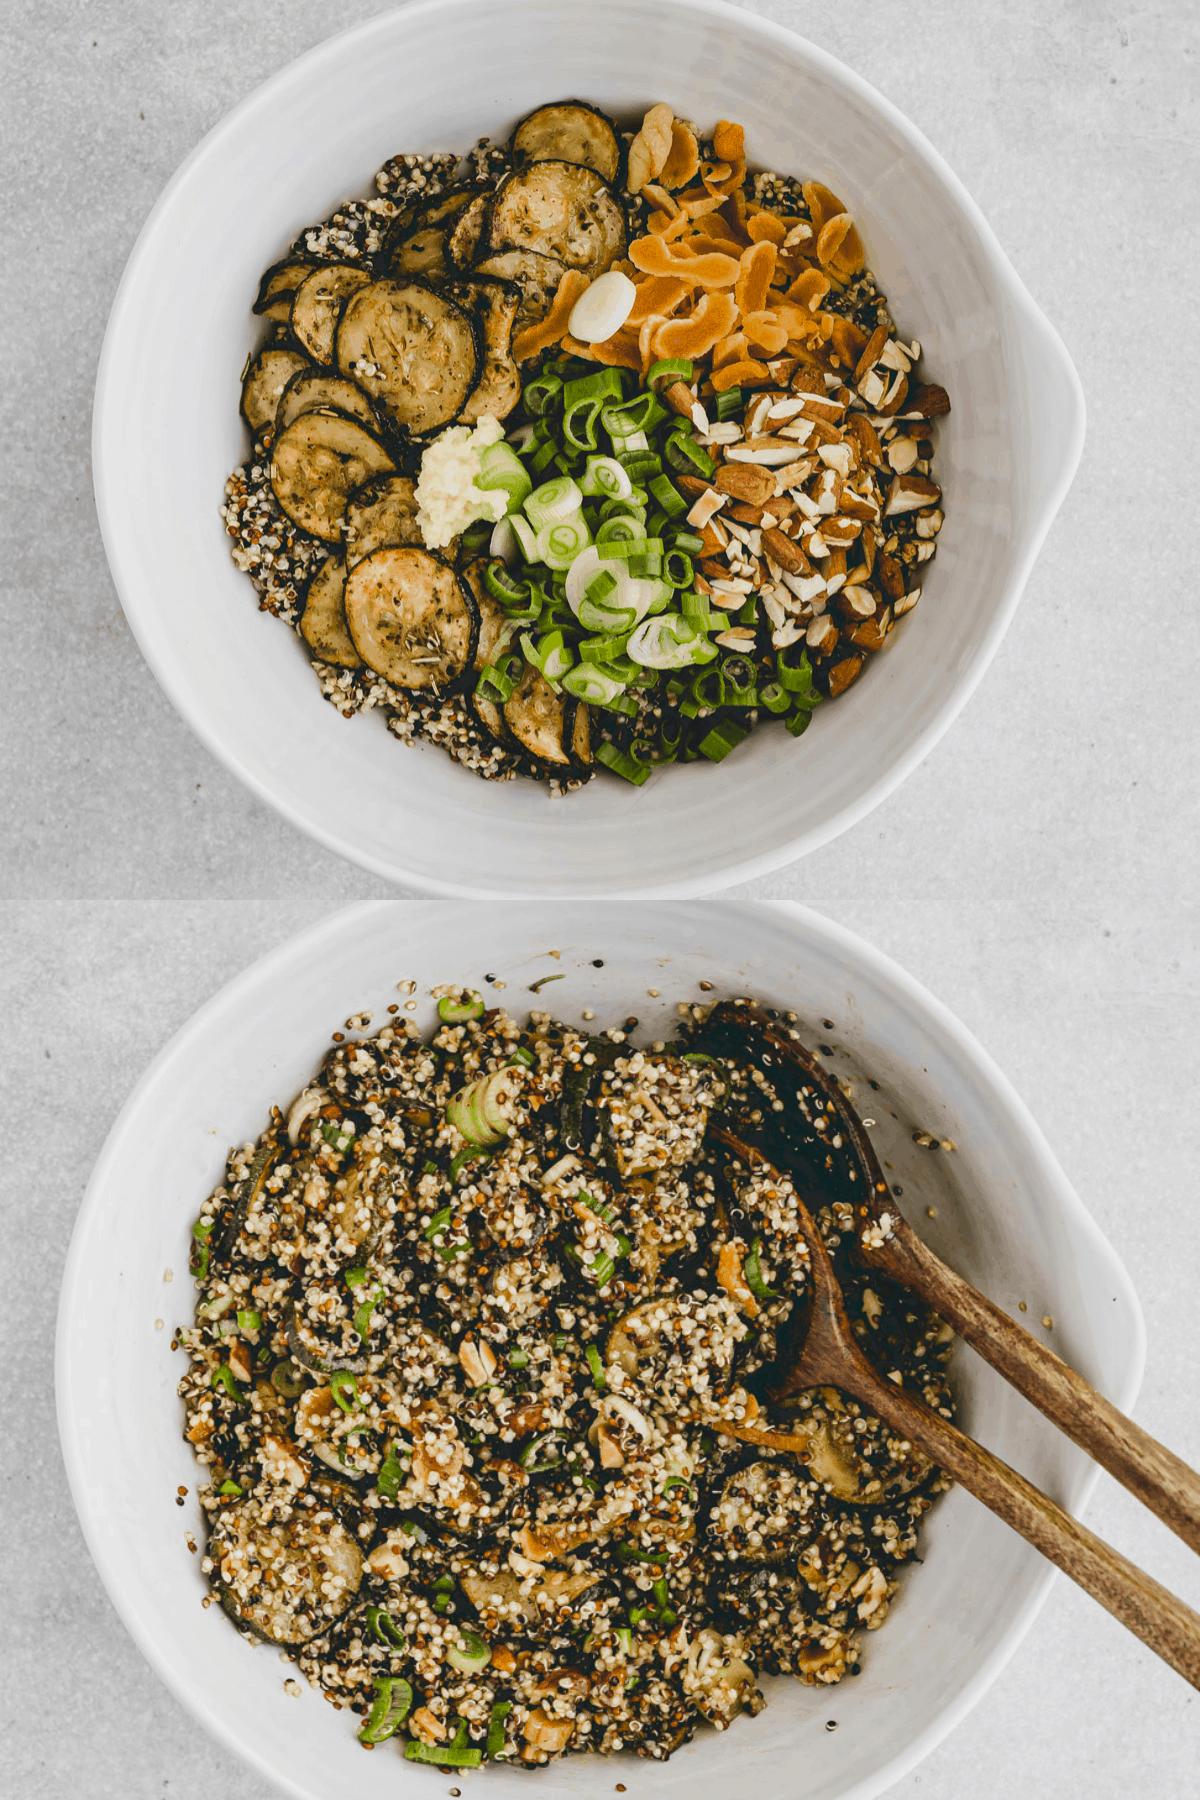 Sommer Quinoa Salat Rezept Schritt 7-8